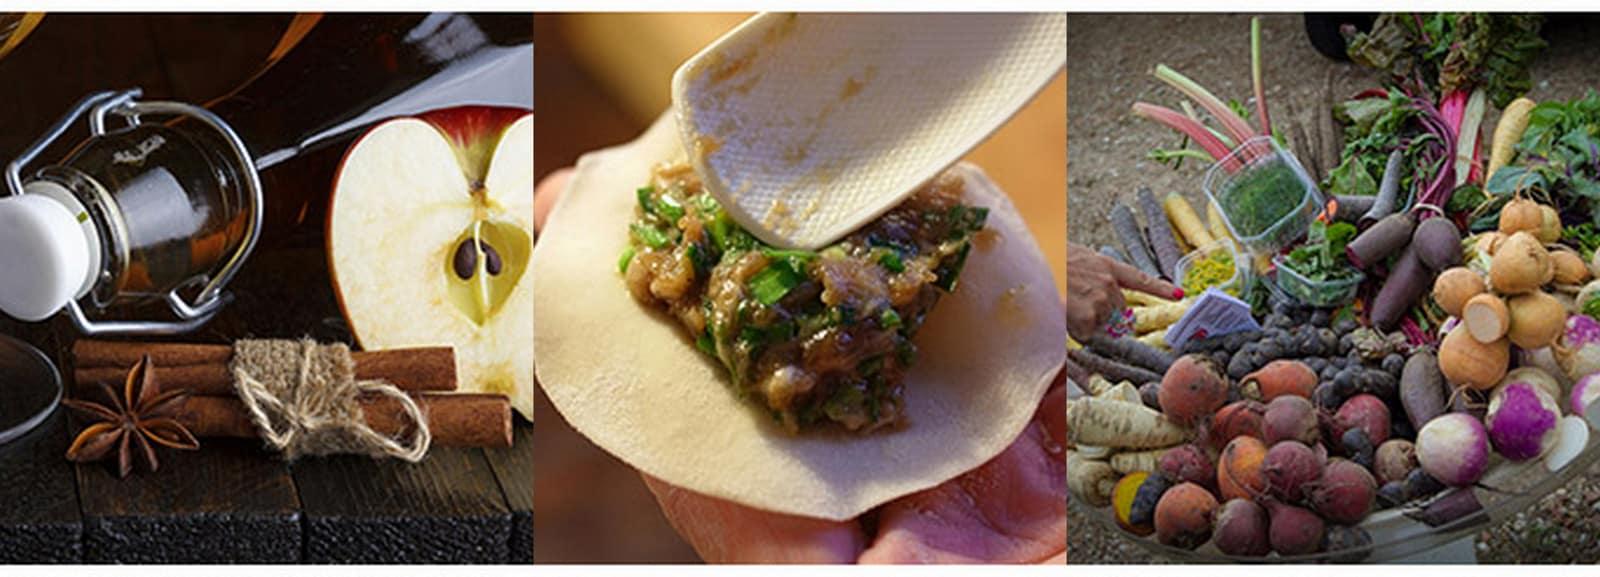 culy food festival5